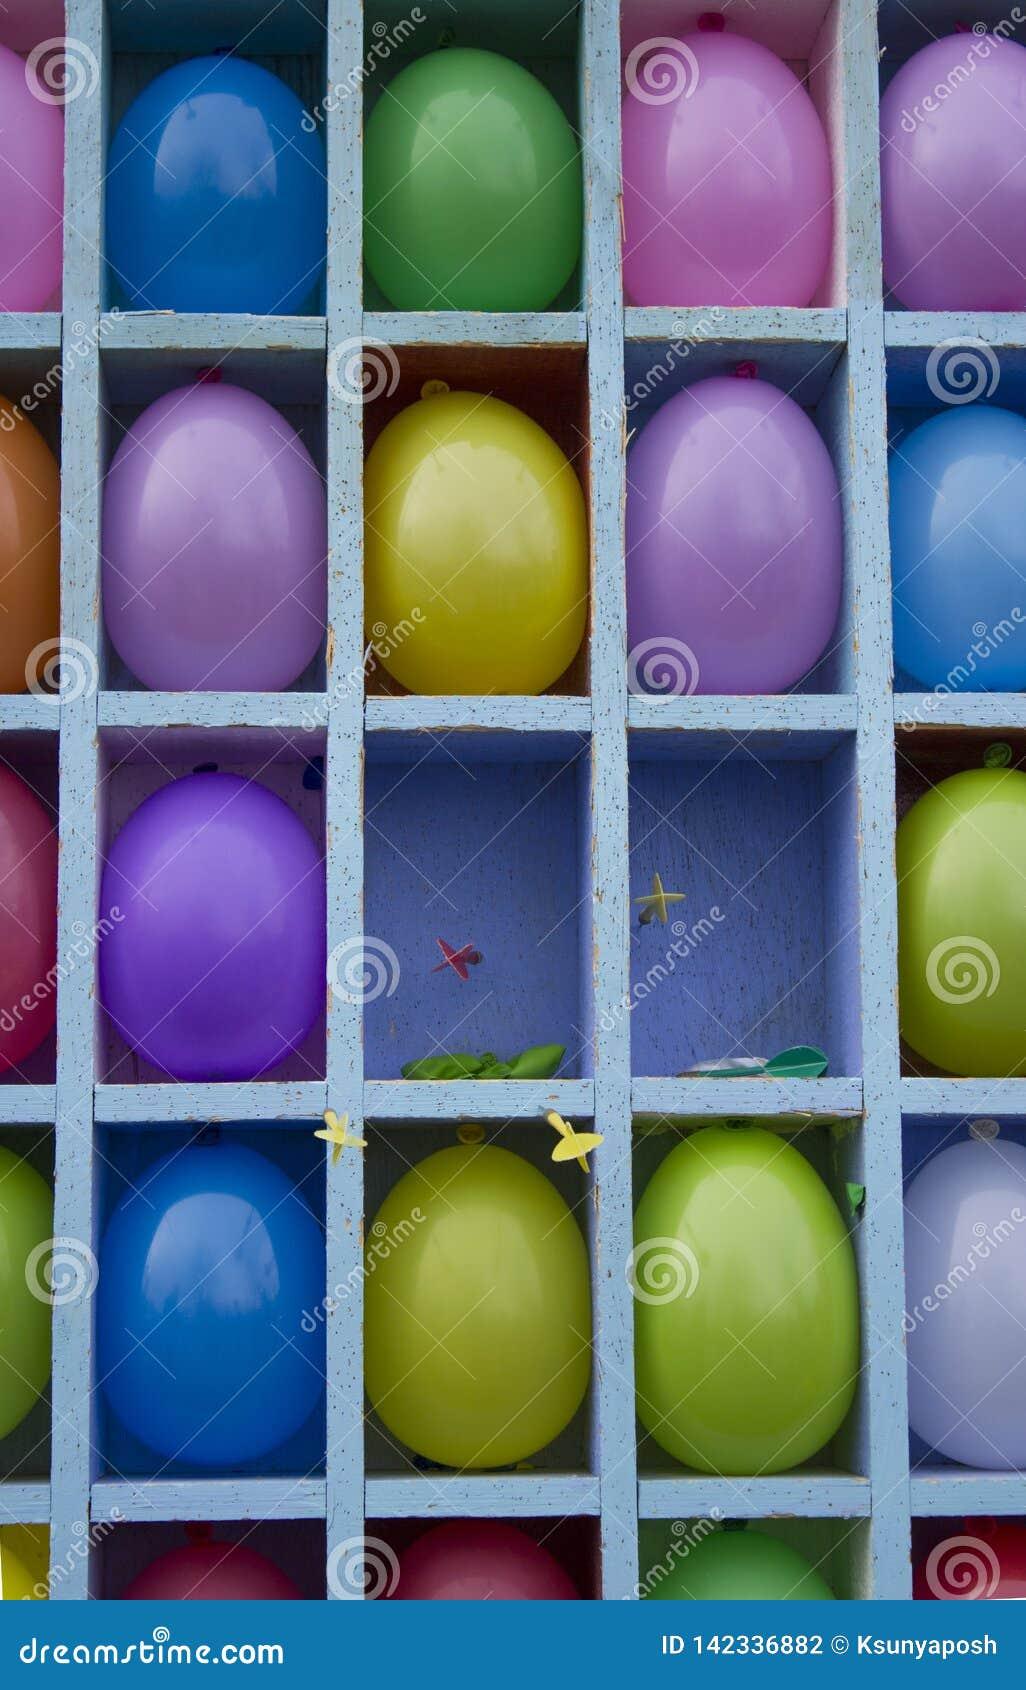 Τα κίτρινα, κόκκινα, πορφυρά, μπλε διογκώσιμα μπαλόνια διαιρούνται σε τομείς με σκοπό να παίξουν τα βέλη